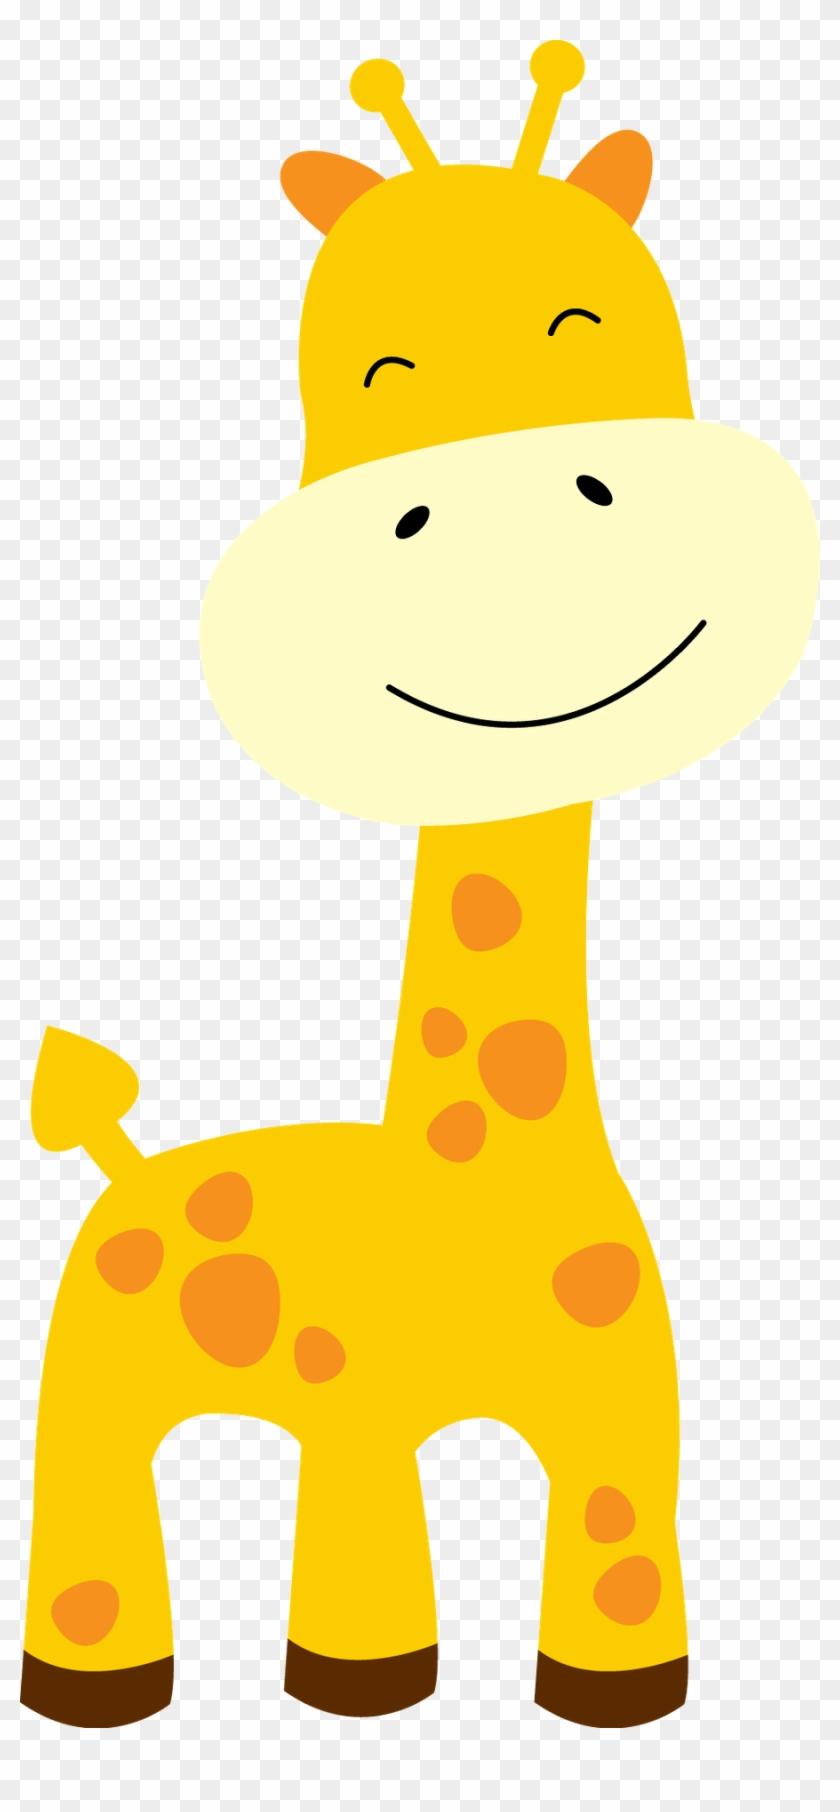 Giraffe clipart baby girl. Clip art hd png